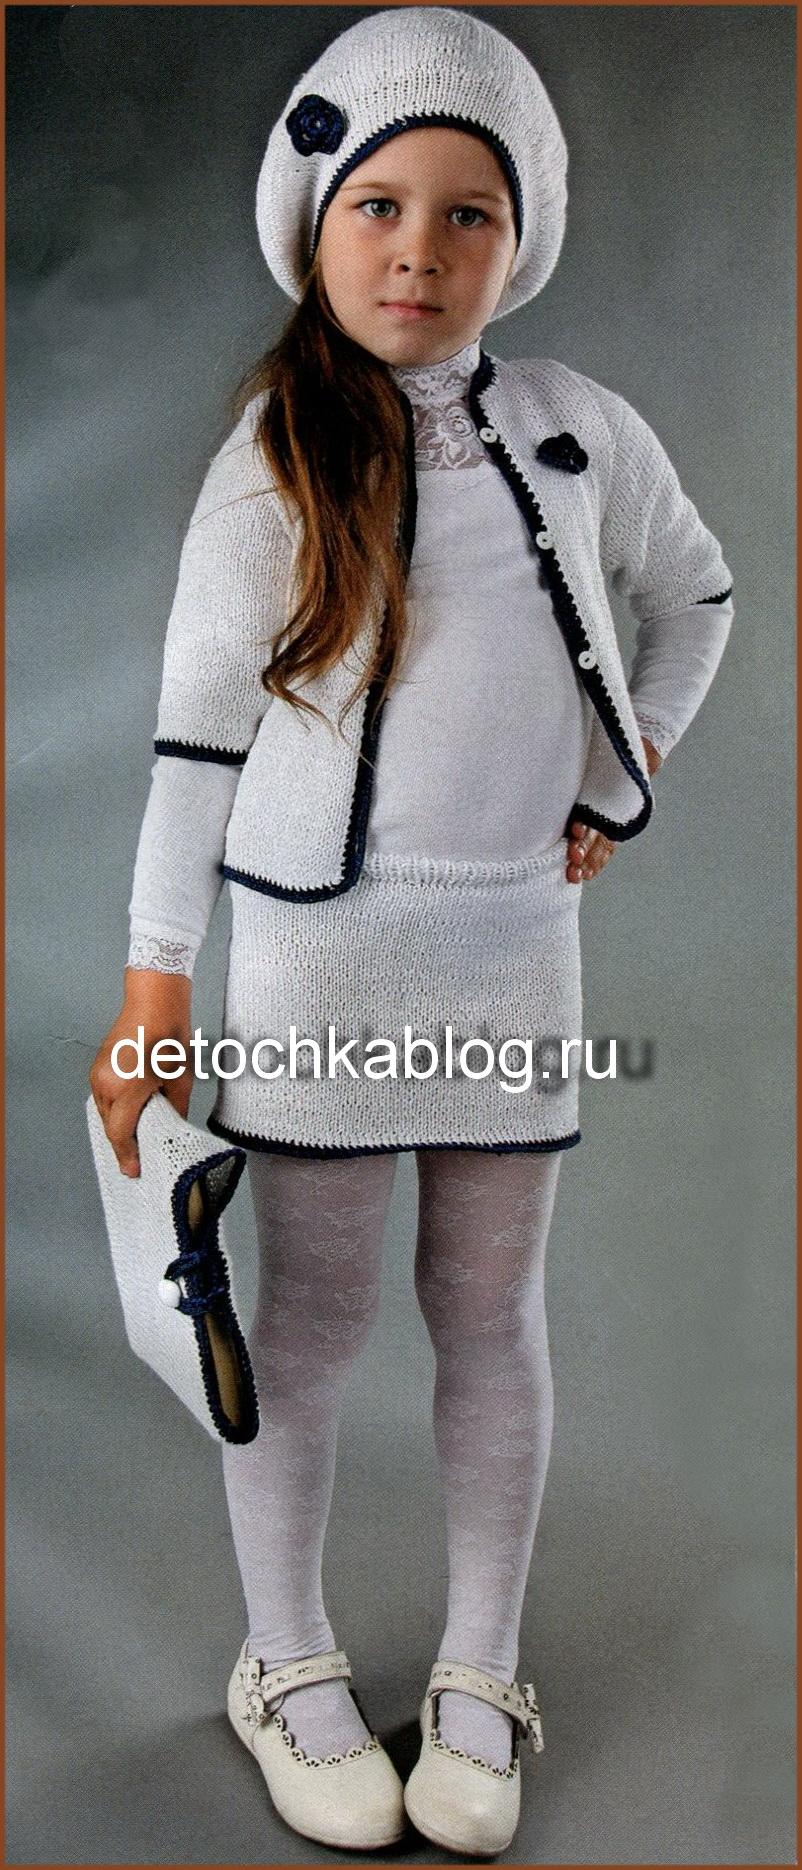 белый вязаный комплект для девочки вязание костюмов для девочек